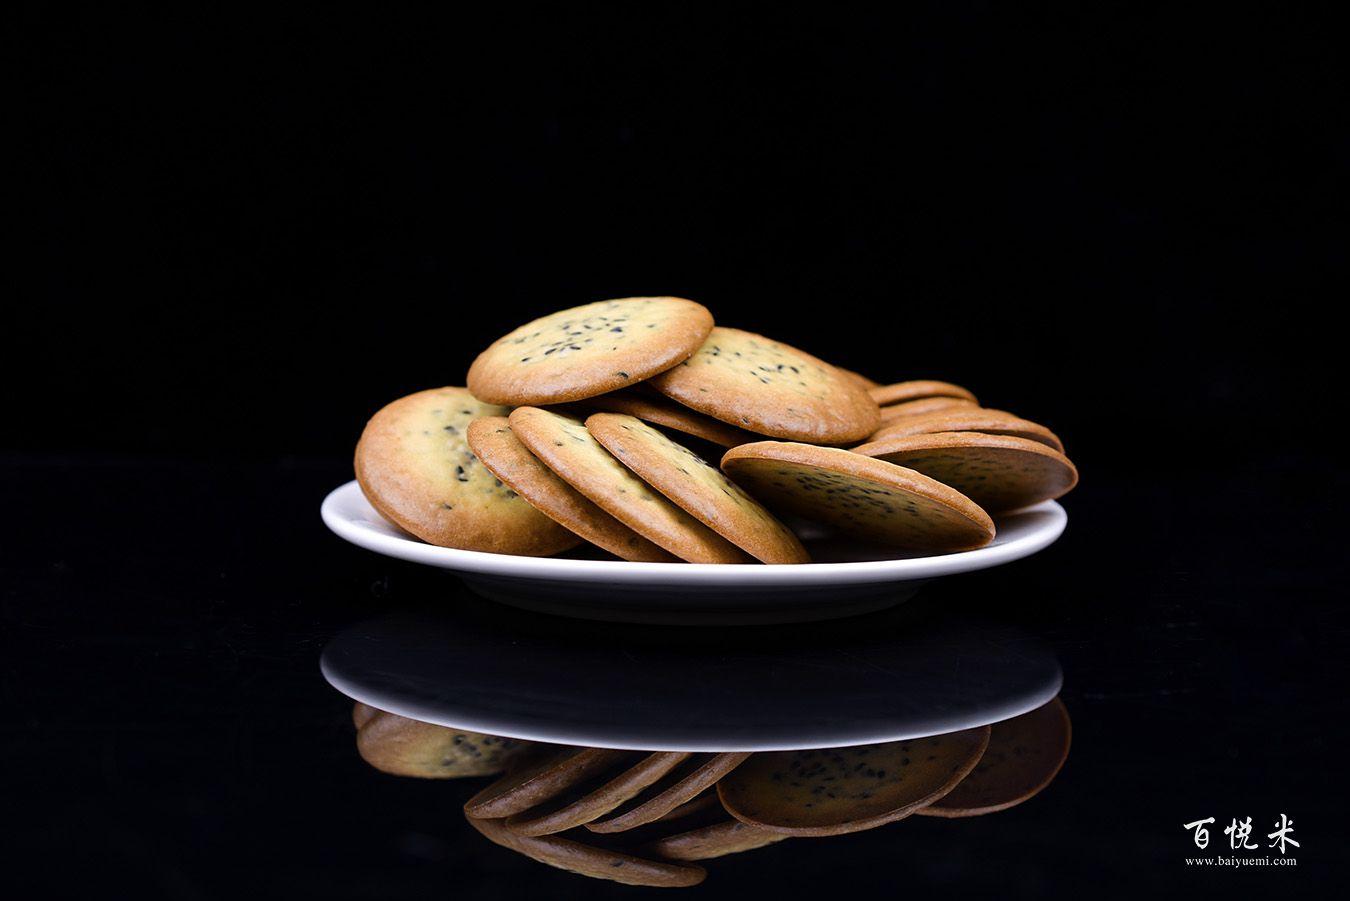 黑芝麻鸡蛋瓦片饼干高清图片大全【蛋糕图片】_995